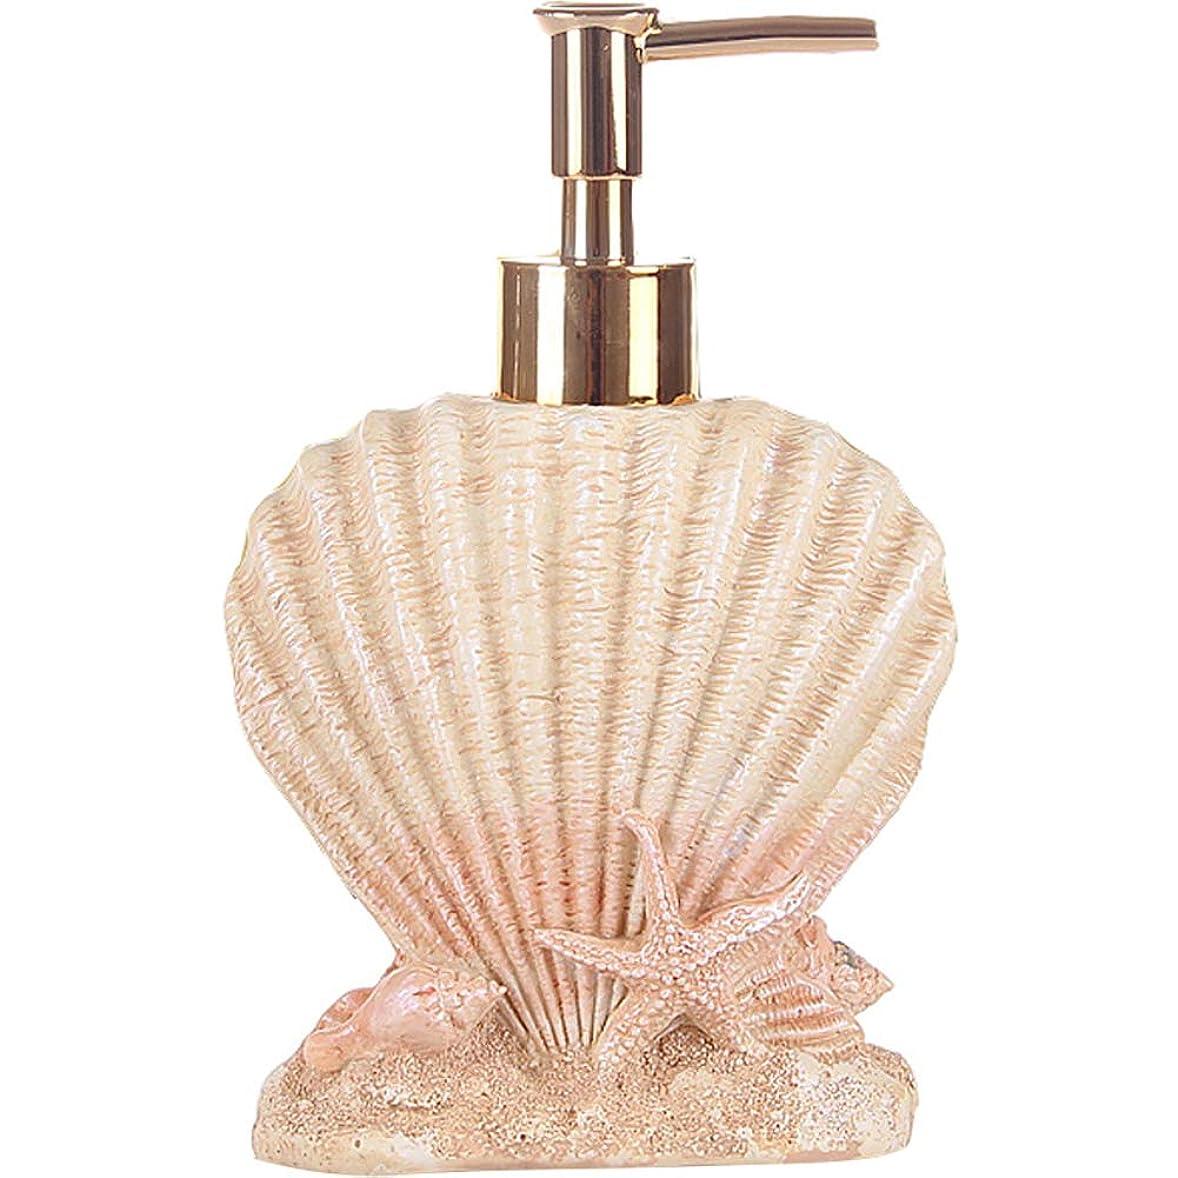 エスカレート任命協力する(Shell) - Creative Beach Shells European Style Hand Soap Liquid Bottles Resin Shampoo Dispenser (shell)